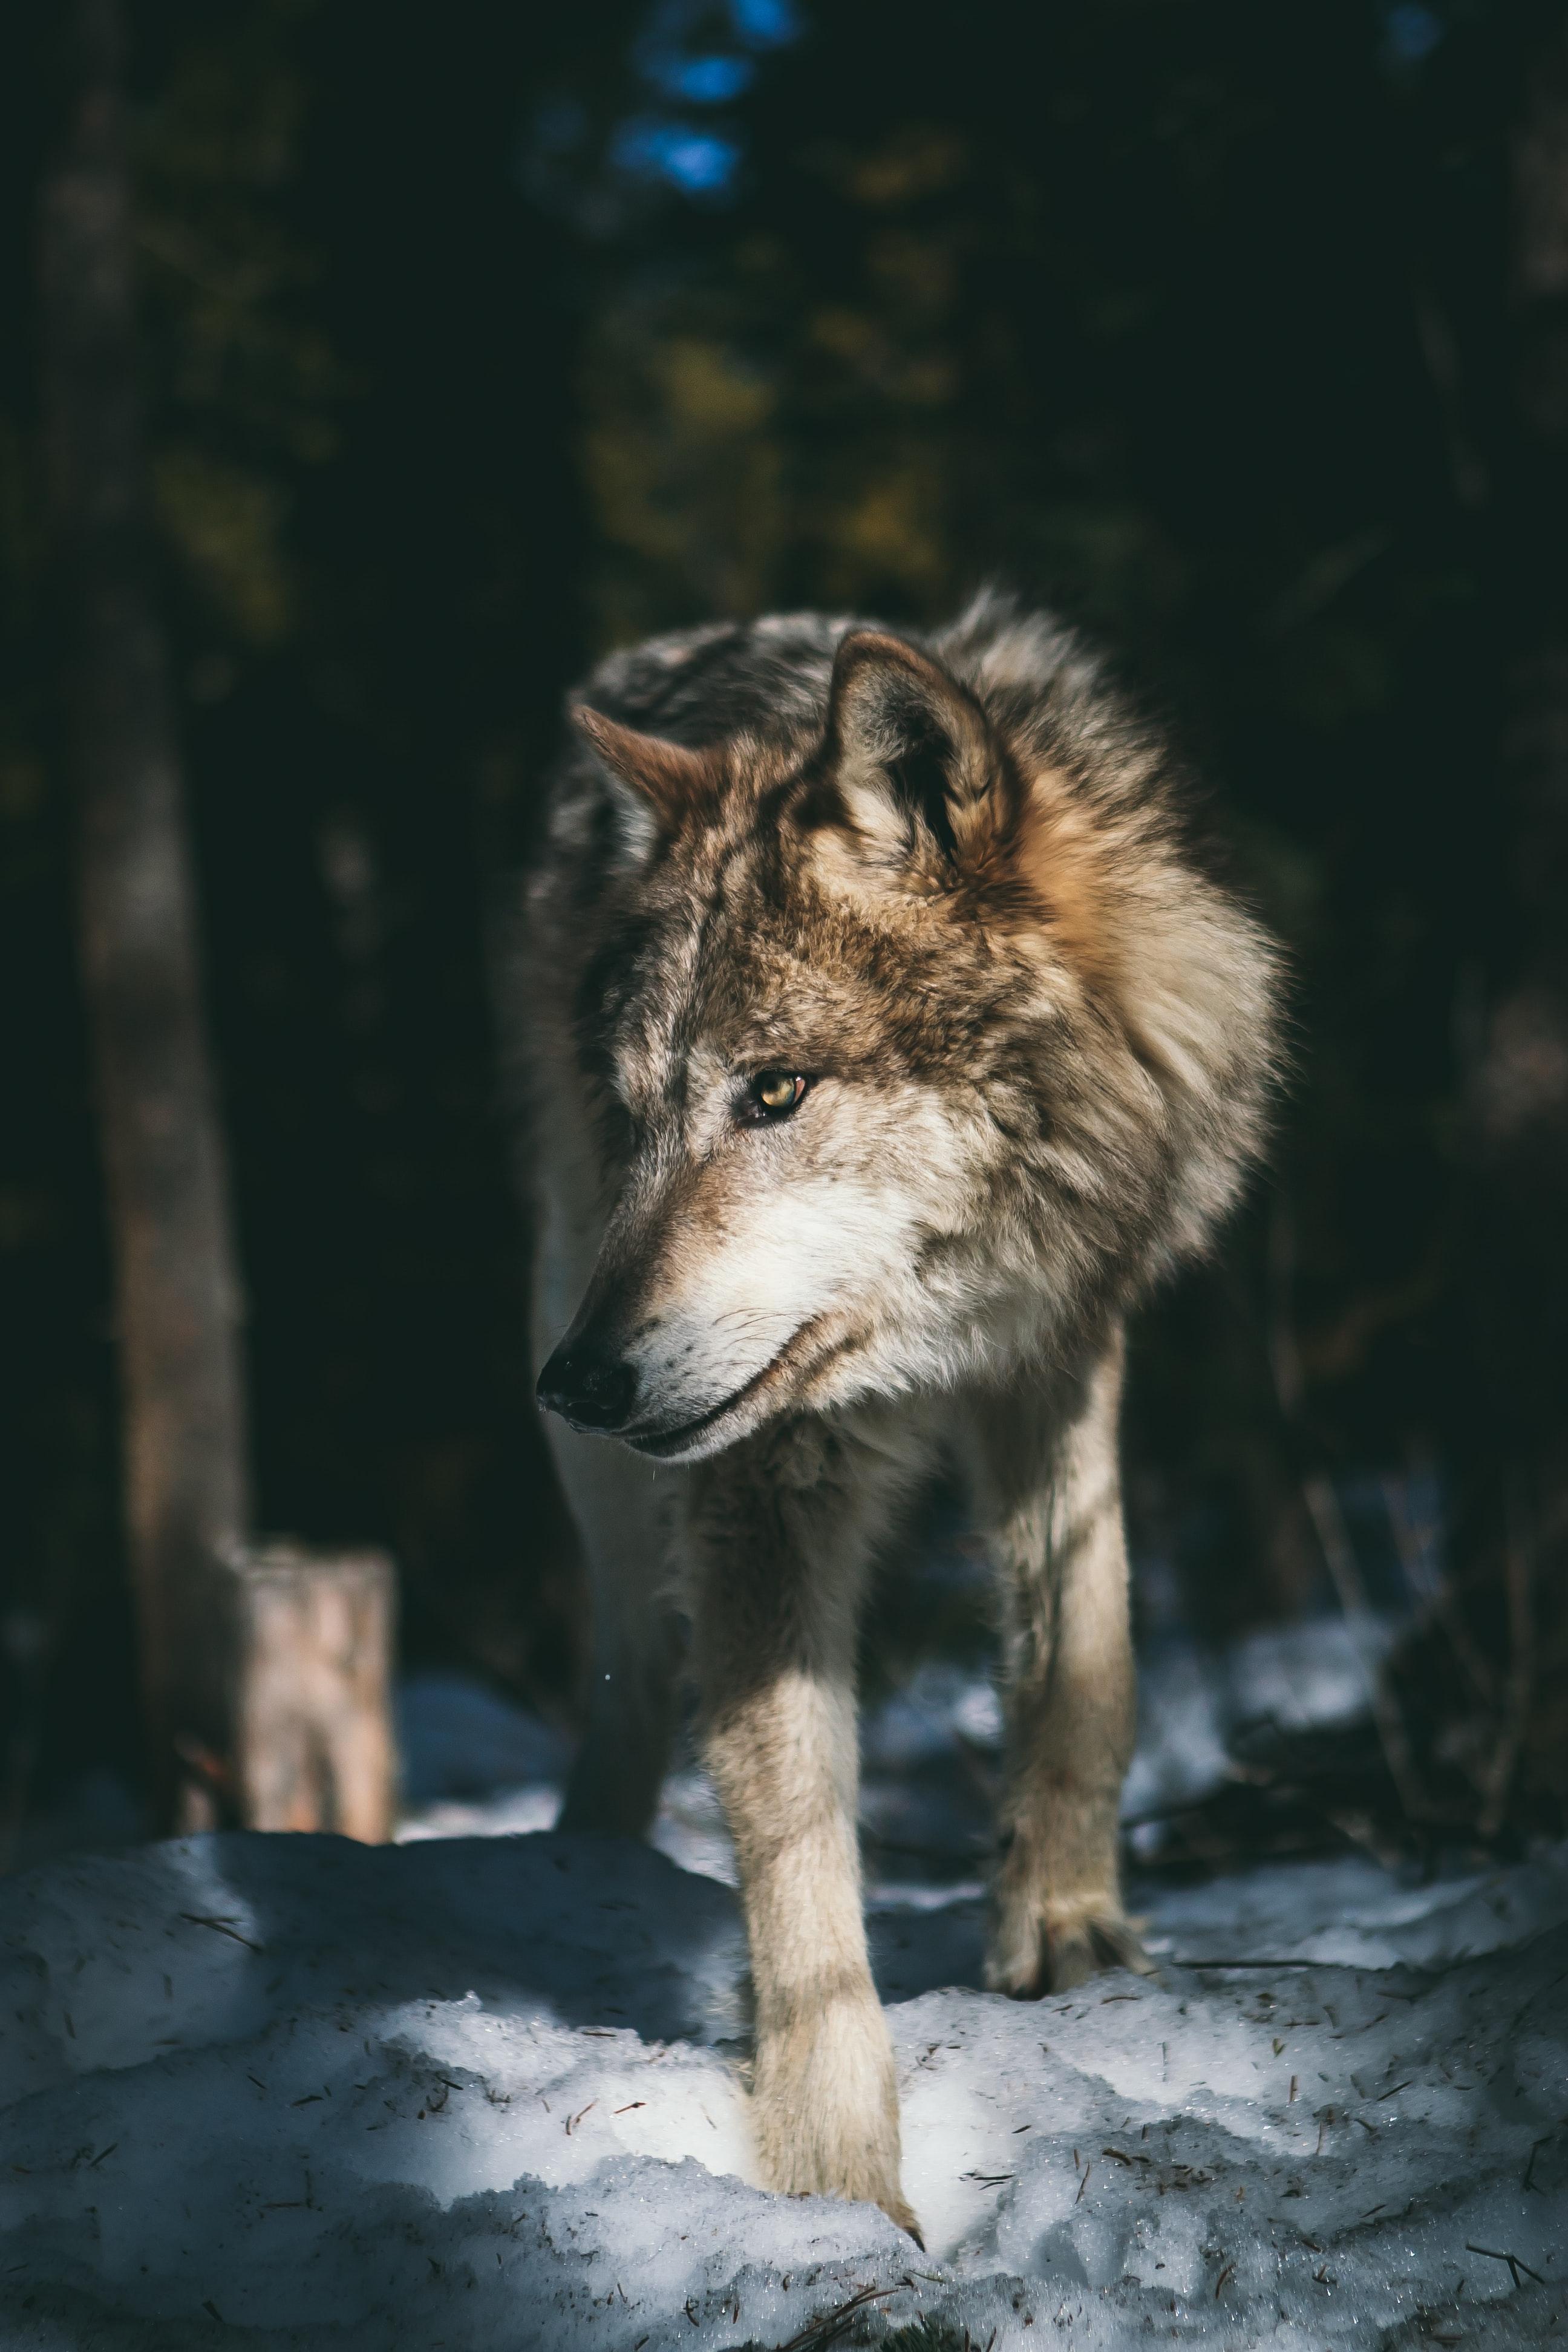 trắc nghiệm qua hình ảnh con sói